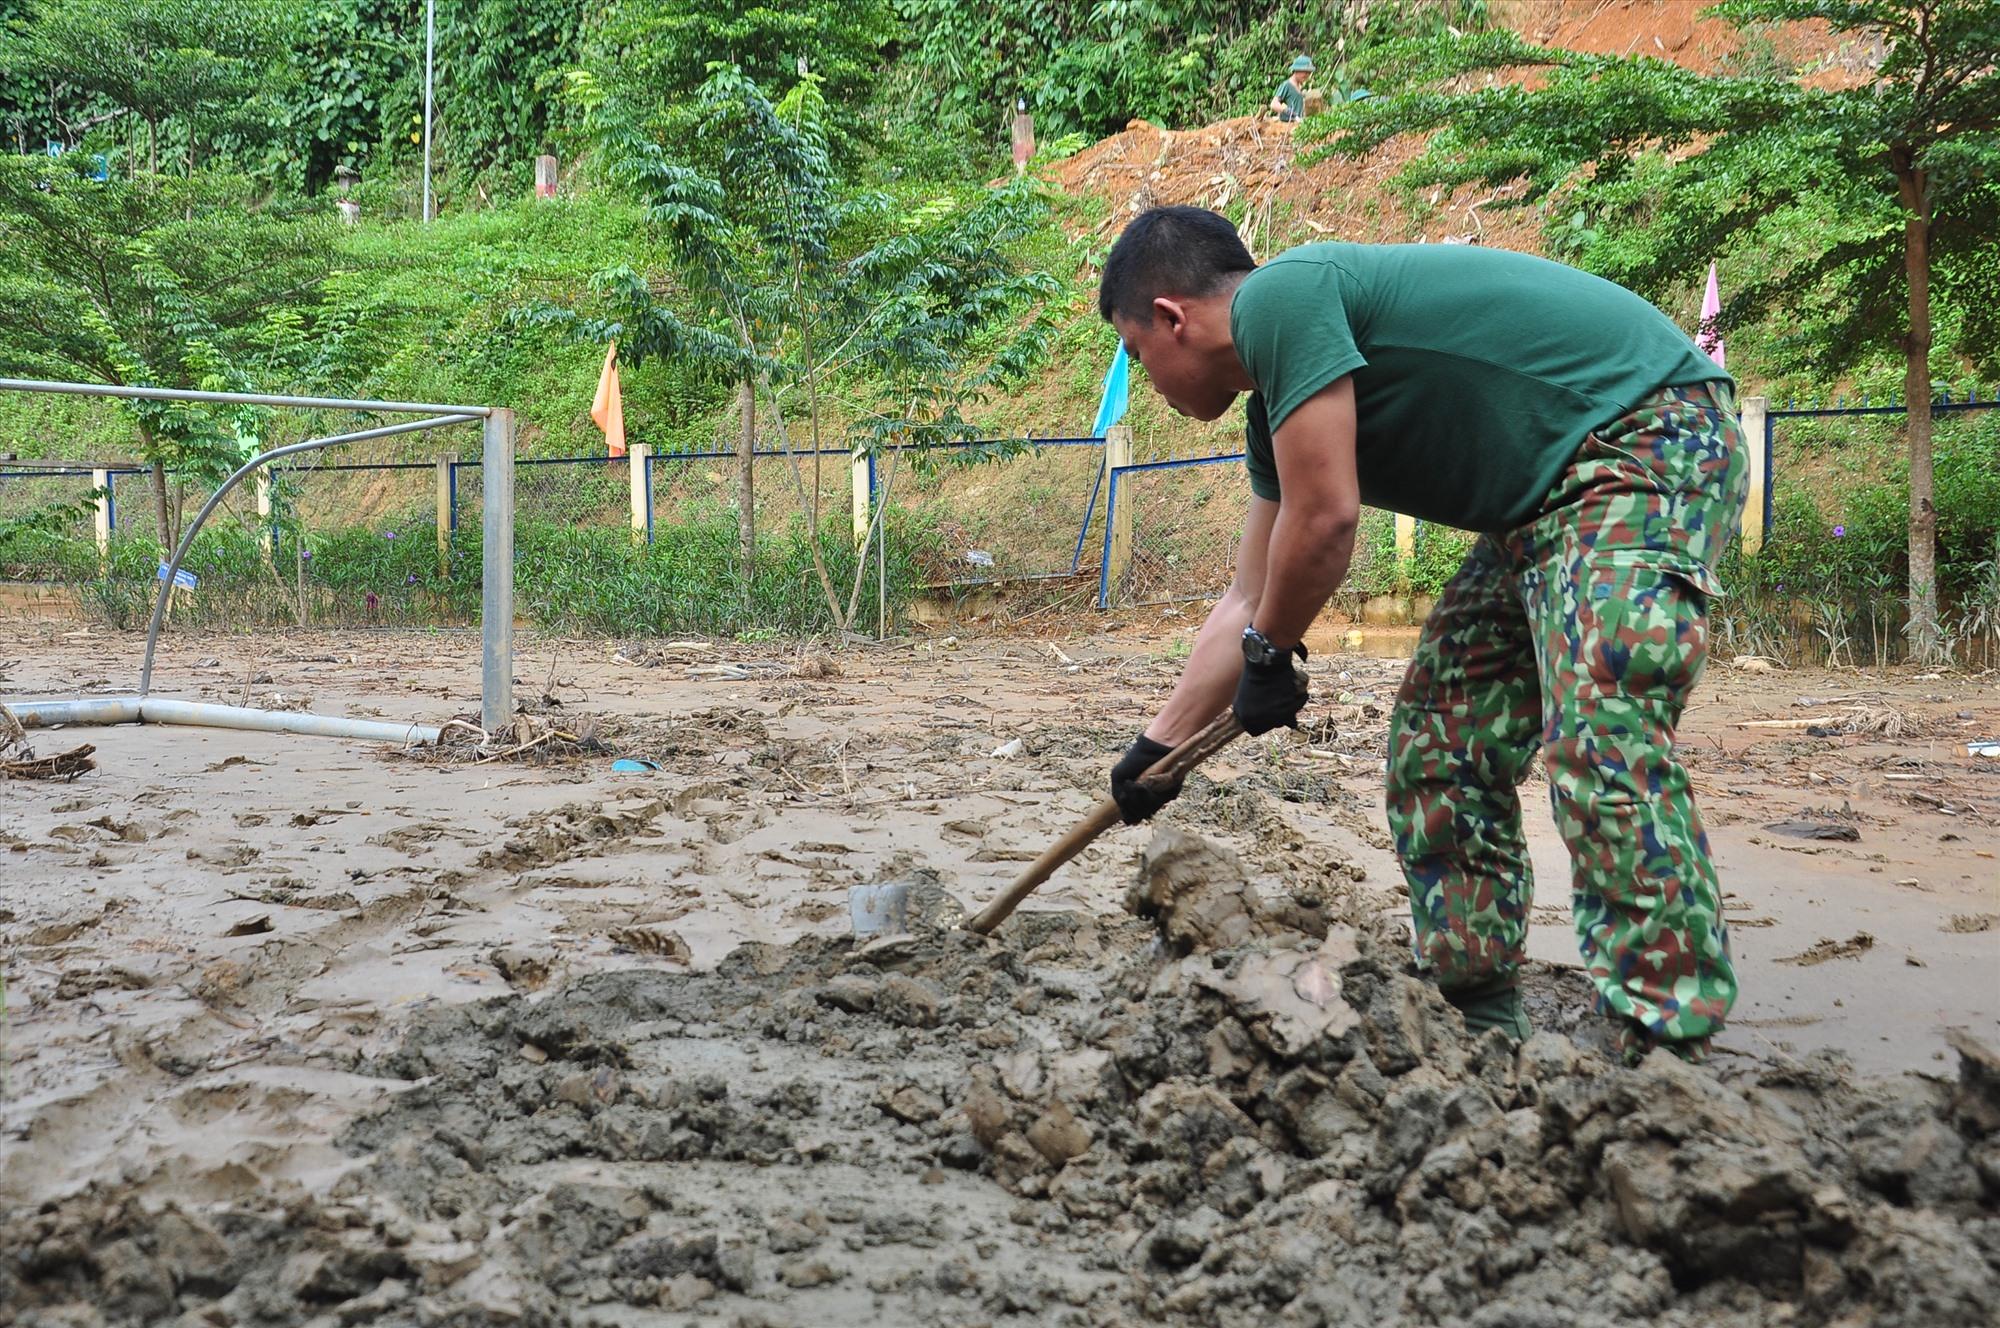 Một chiến sĩ đang cố gắng cào lớp bùn đất dày đặc, dính chặt trên sân trường. Ảnh: VINH ANH